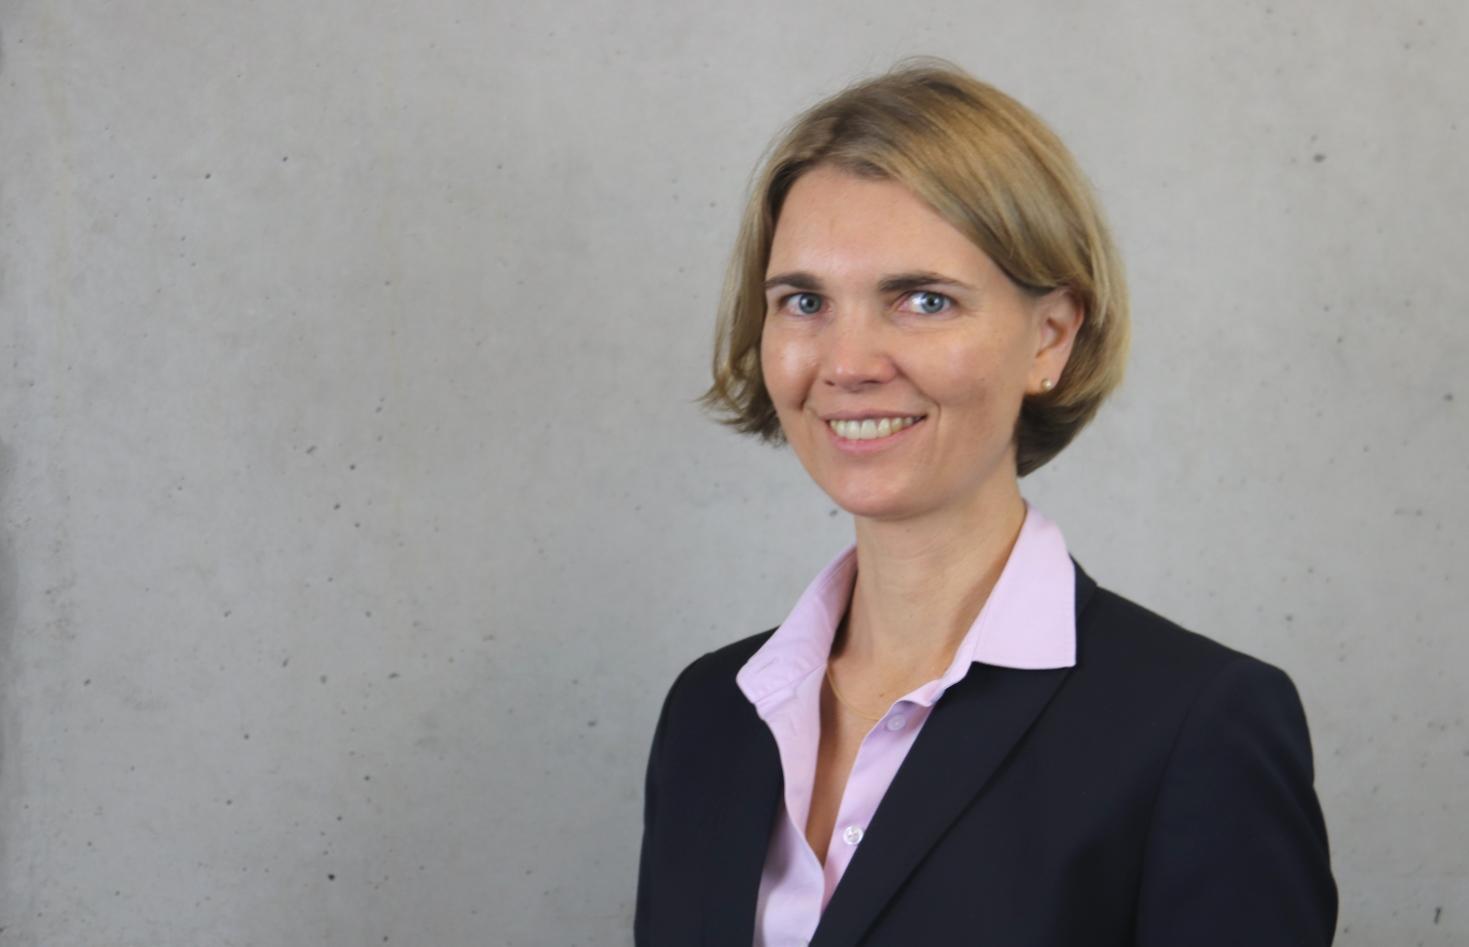 Professorin Tanja Kessel